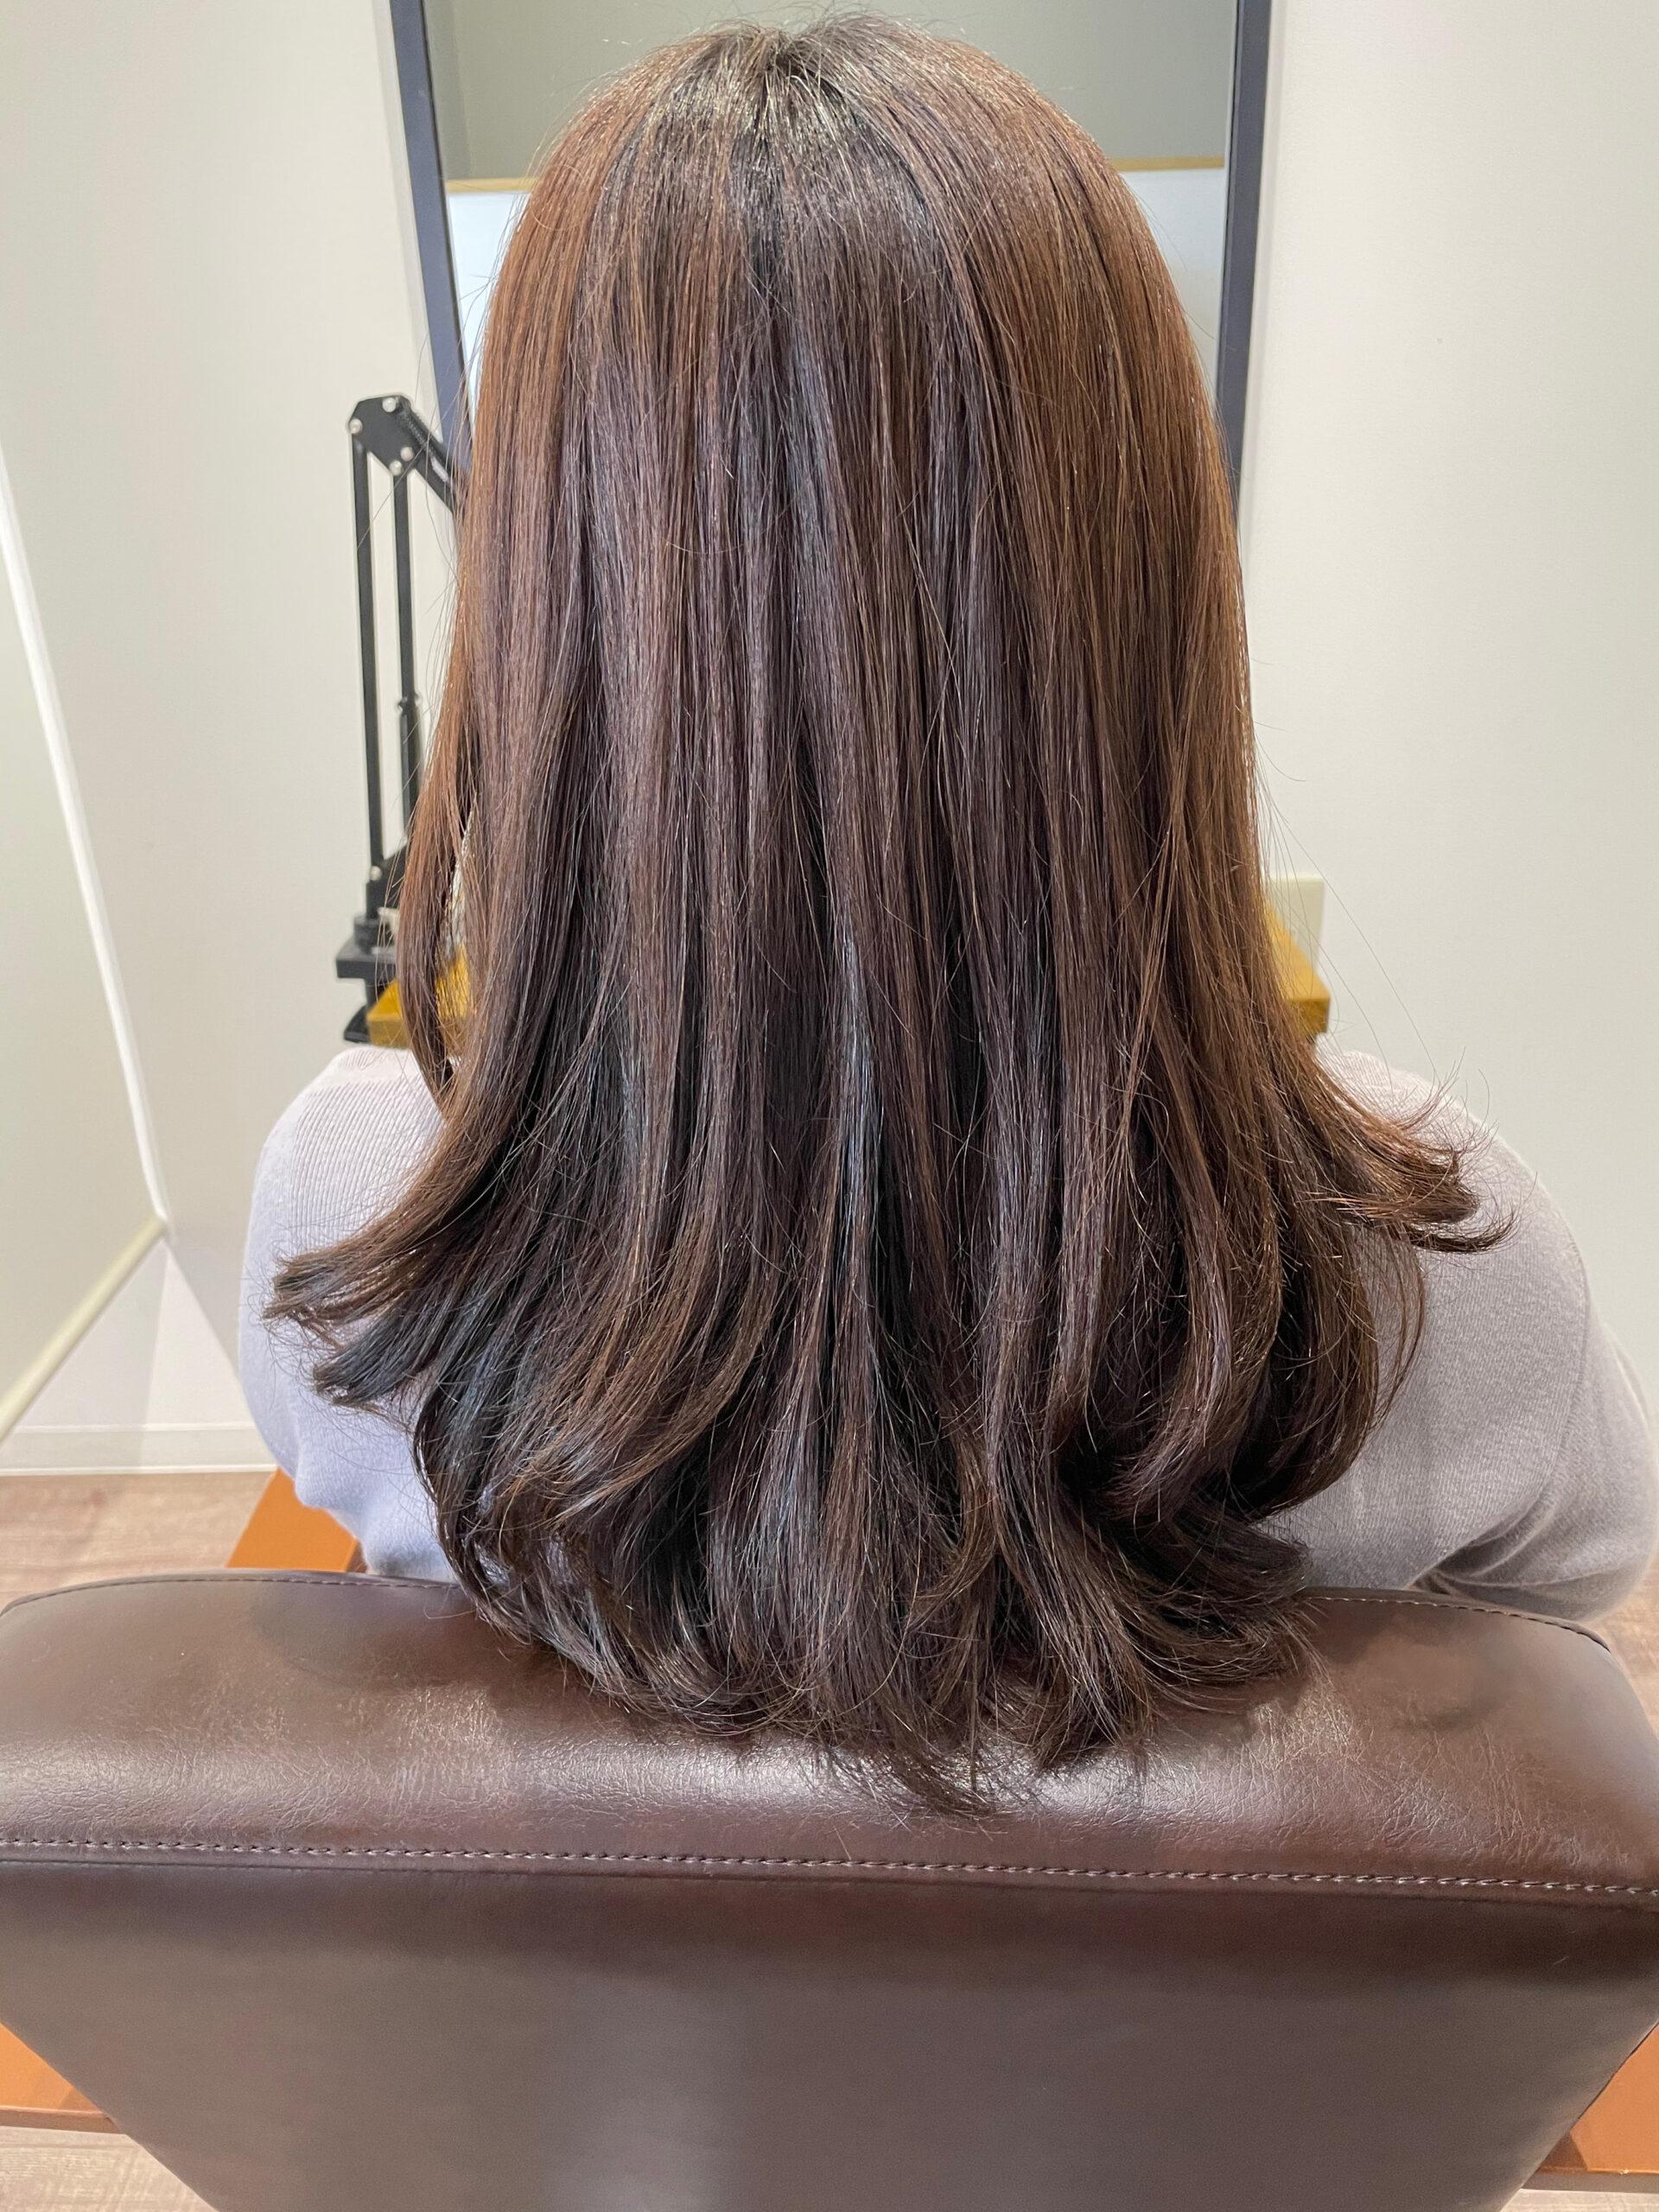 大分県別府市 春らしいヘアカラー【ローズピンク】の髪色 ビフォー